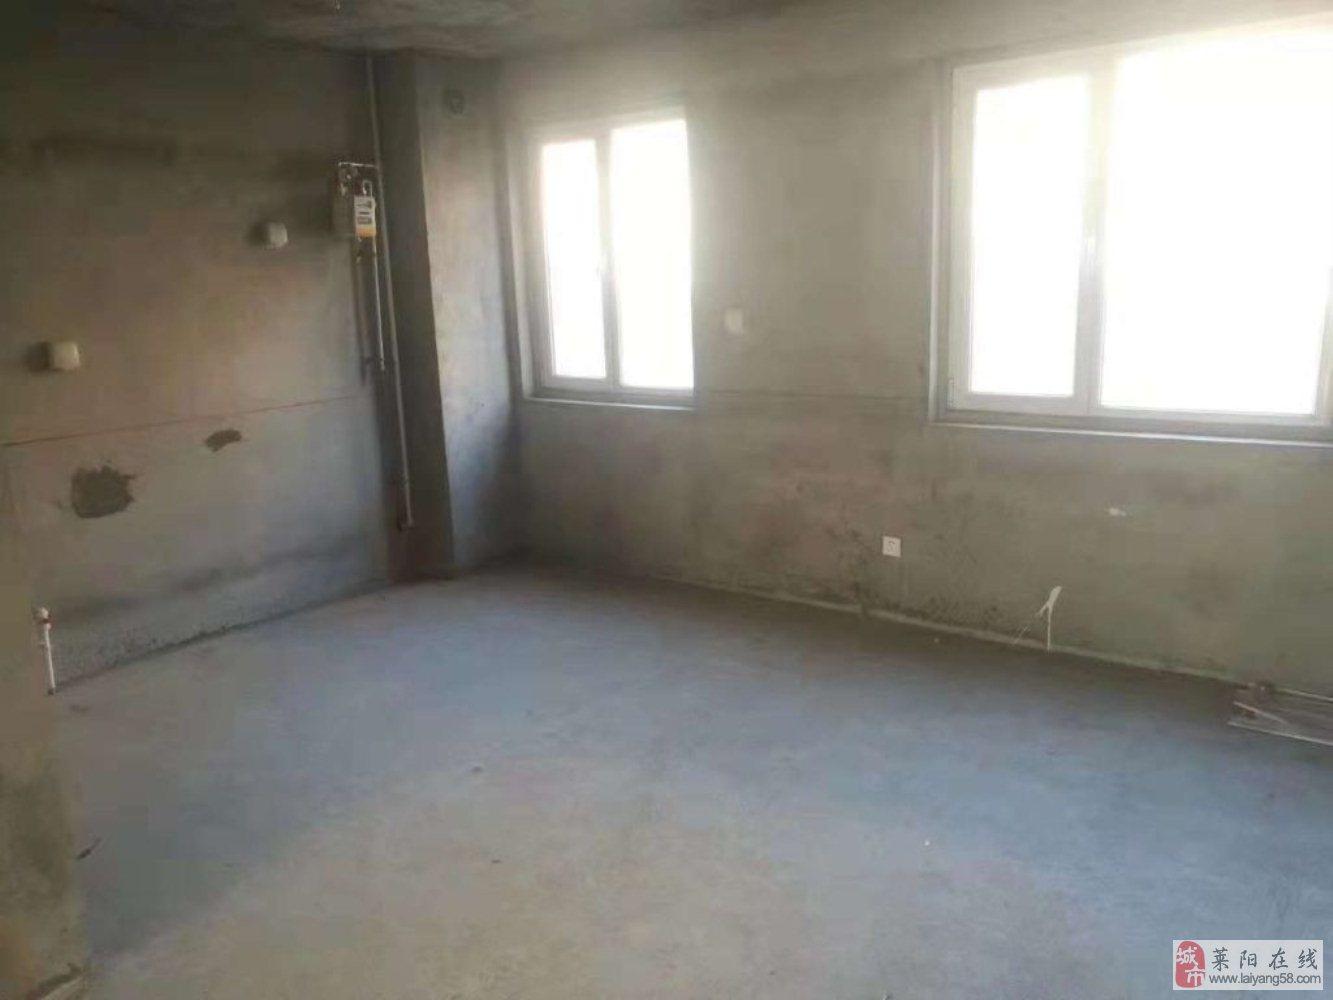 莱阳市新房源,河东小区3室2厅1卫66.8万元